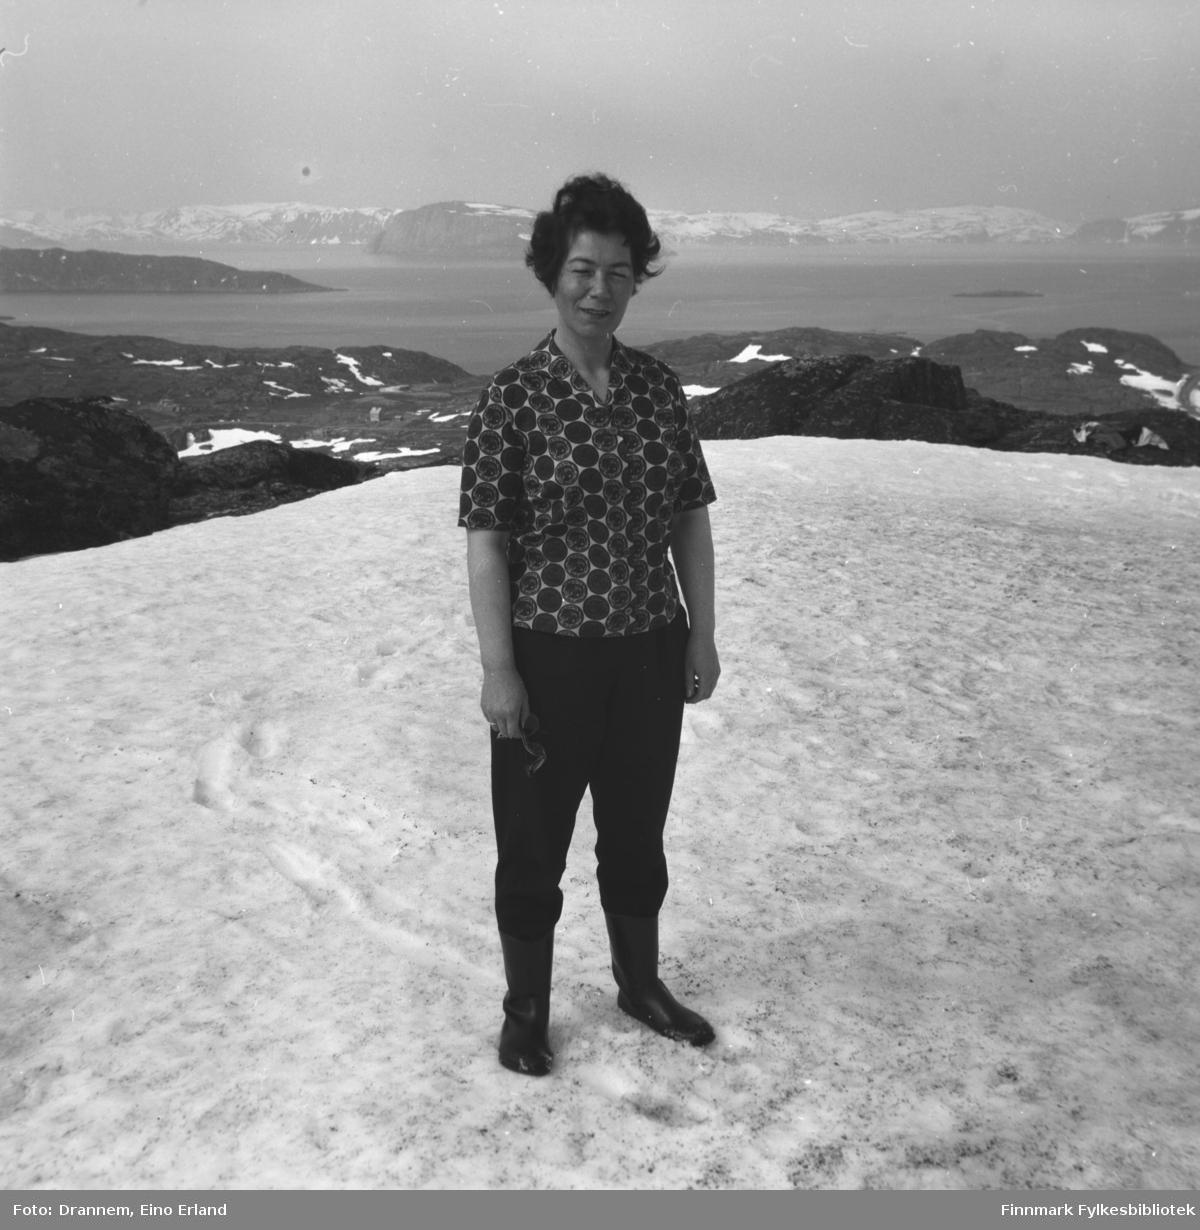 Jenny Drannem fotografert på et snødekt fjell. Terrenget tyder på at bildet er tatt på Kvaløya utenfor Hammerfest.